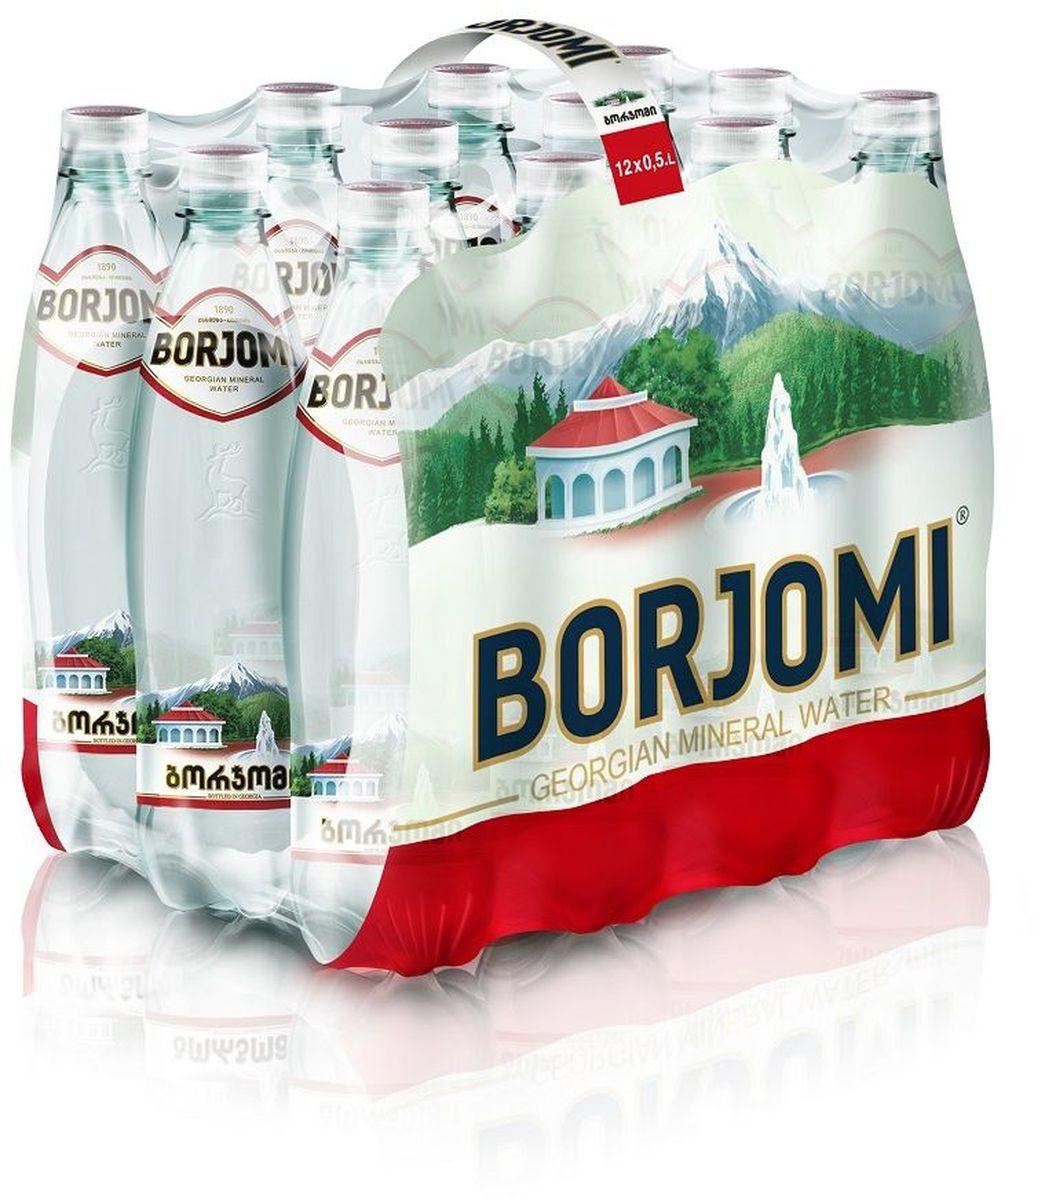 Вода Borjomi природная гидрокарбонатно-натриевая минеральная, 12 штук по 0,5 л4860019001315Borjomi – природная гидрокарбонатно-натриевая минеральная вода с минерализацией 5,0-7,5 г/л. Рожденная в недрах Кавказских гор, она бьет из земли горячим ключом в долине Боржоми , на территории крупнейшего в Европе Грузинского Национального парка «Боржоми-Харагаули». Благодаря уникальному комплексу минералов вулканического происхождения, эта природная минеральная вода действует как «душ изнутри» и прекрасно очищает организм. Зарождаясь на глубине 8000м и поднимаясь сквозь слои вулканических пород, вода Borjomi насыщается природной композицией из более чем 60 полезных минералов. Разлито на месте добычи из Боржомского месторождения минеральных вод (скв.№25Э,41р) Показания по лечебному применению: болезни пищевода, хронический гастрит с нормальной и повышенной секреторной функцией желудка, язвенная болезнь желудка и двенадцатиперстной кишки, болезни кишечника, болезни печени, желчного пузыря и желчевыводящих путей, болезни поджелудочной железы, нарушение органов пищеварения после...